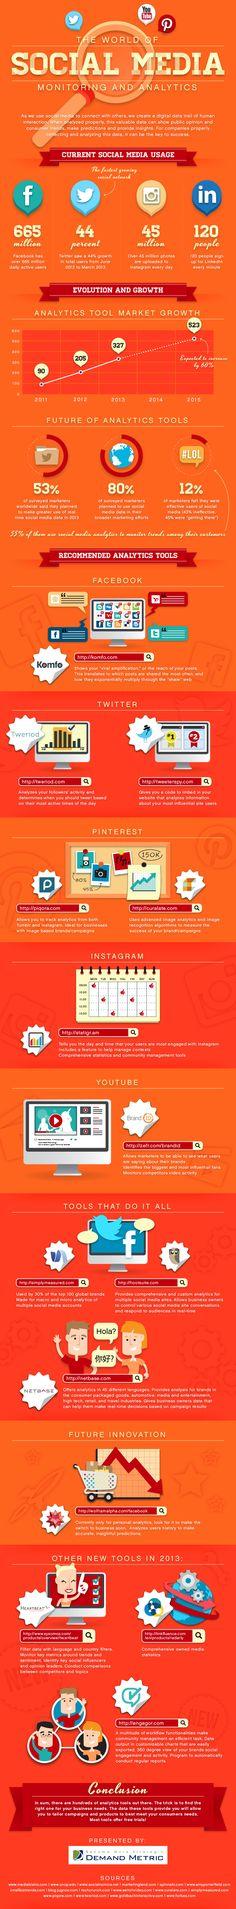 The Other Half Of Social Media - Social Media Monitoring